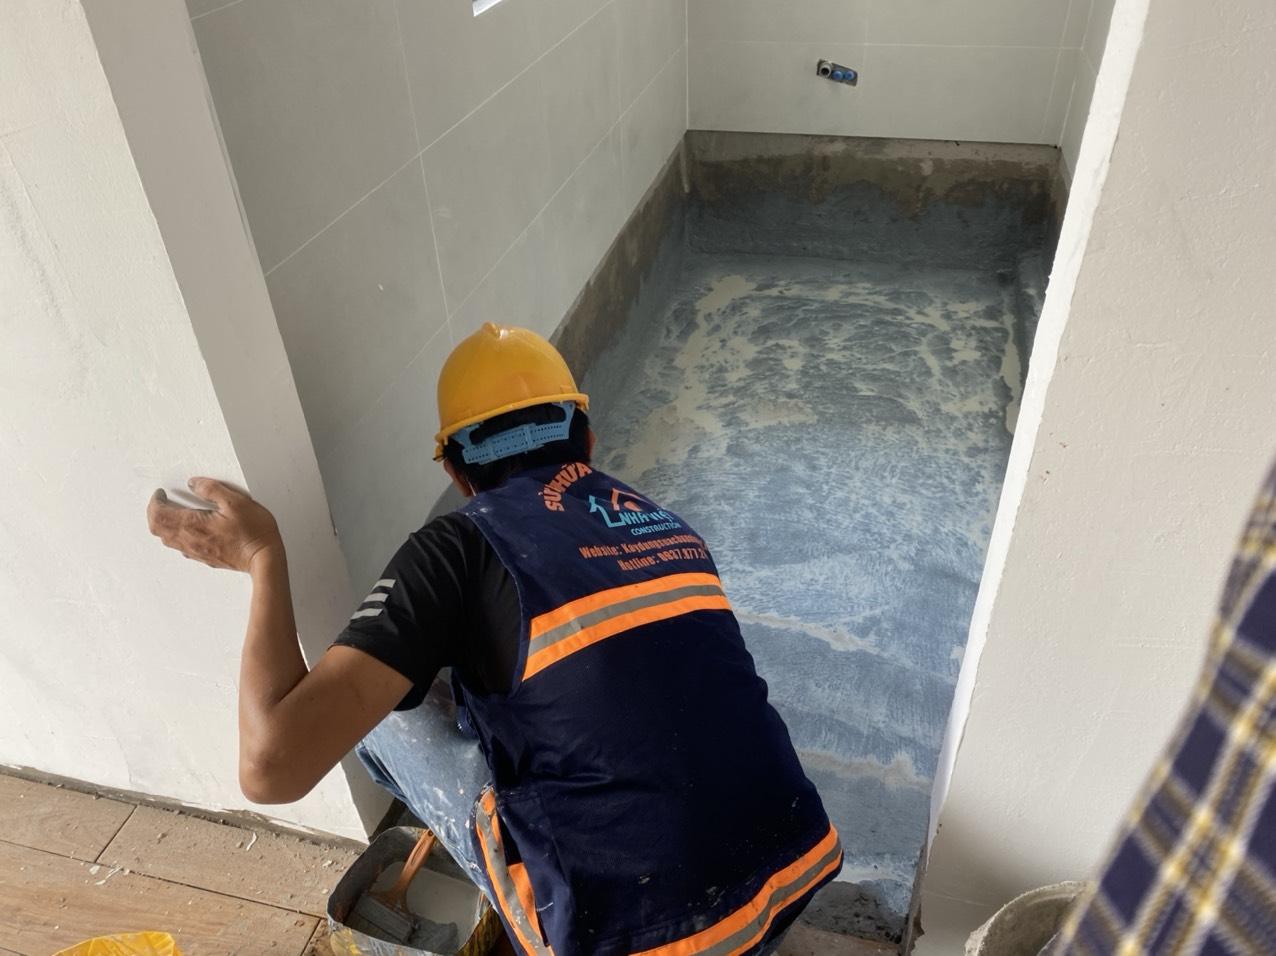 dich vu chong tham nha ve sinh 24h 12 - Dịch vụ sửa ống nước nhà vệ sinh 24h